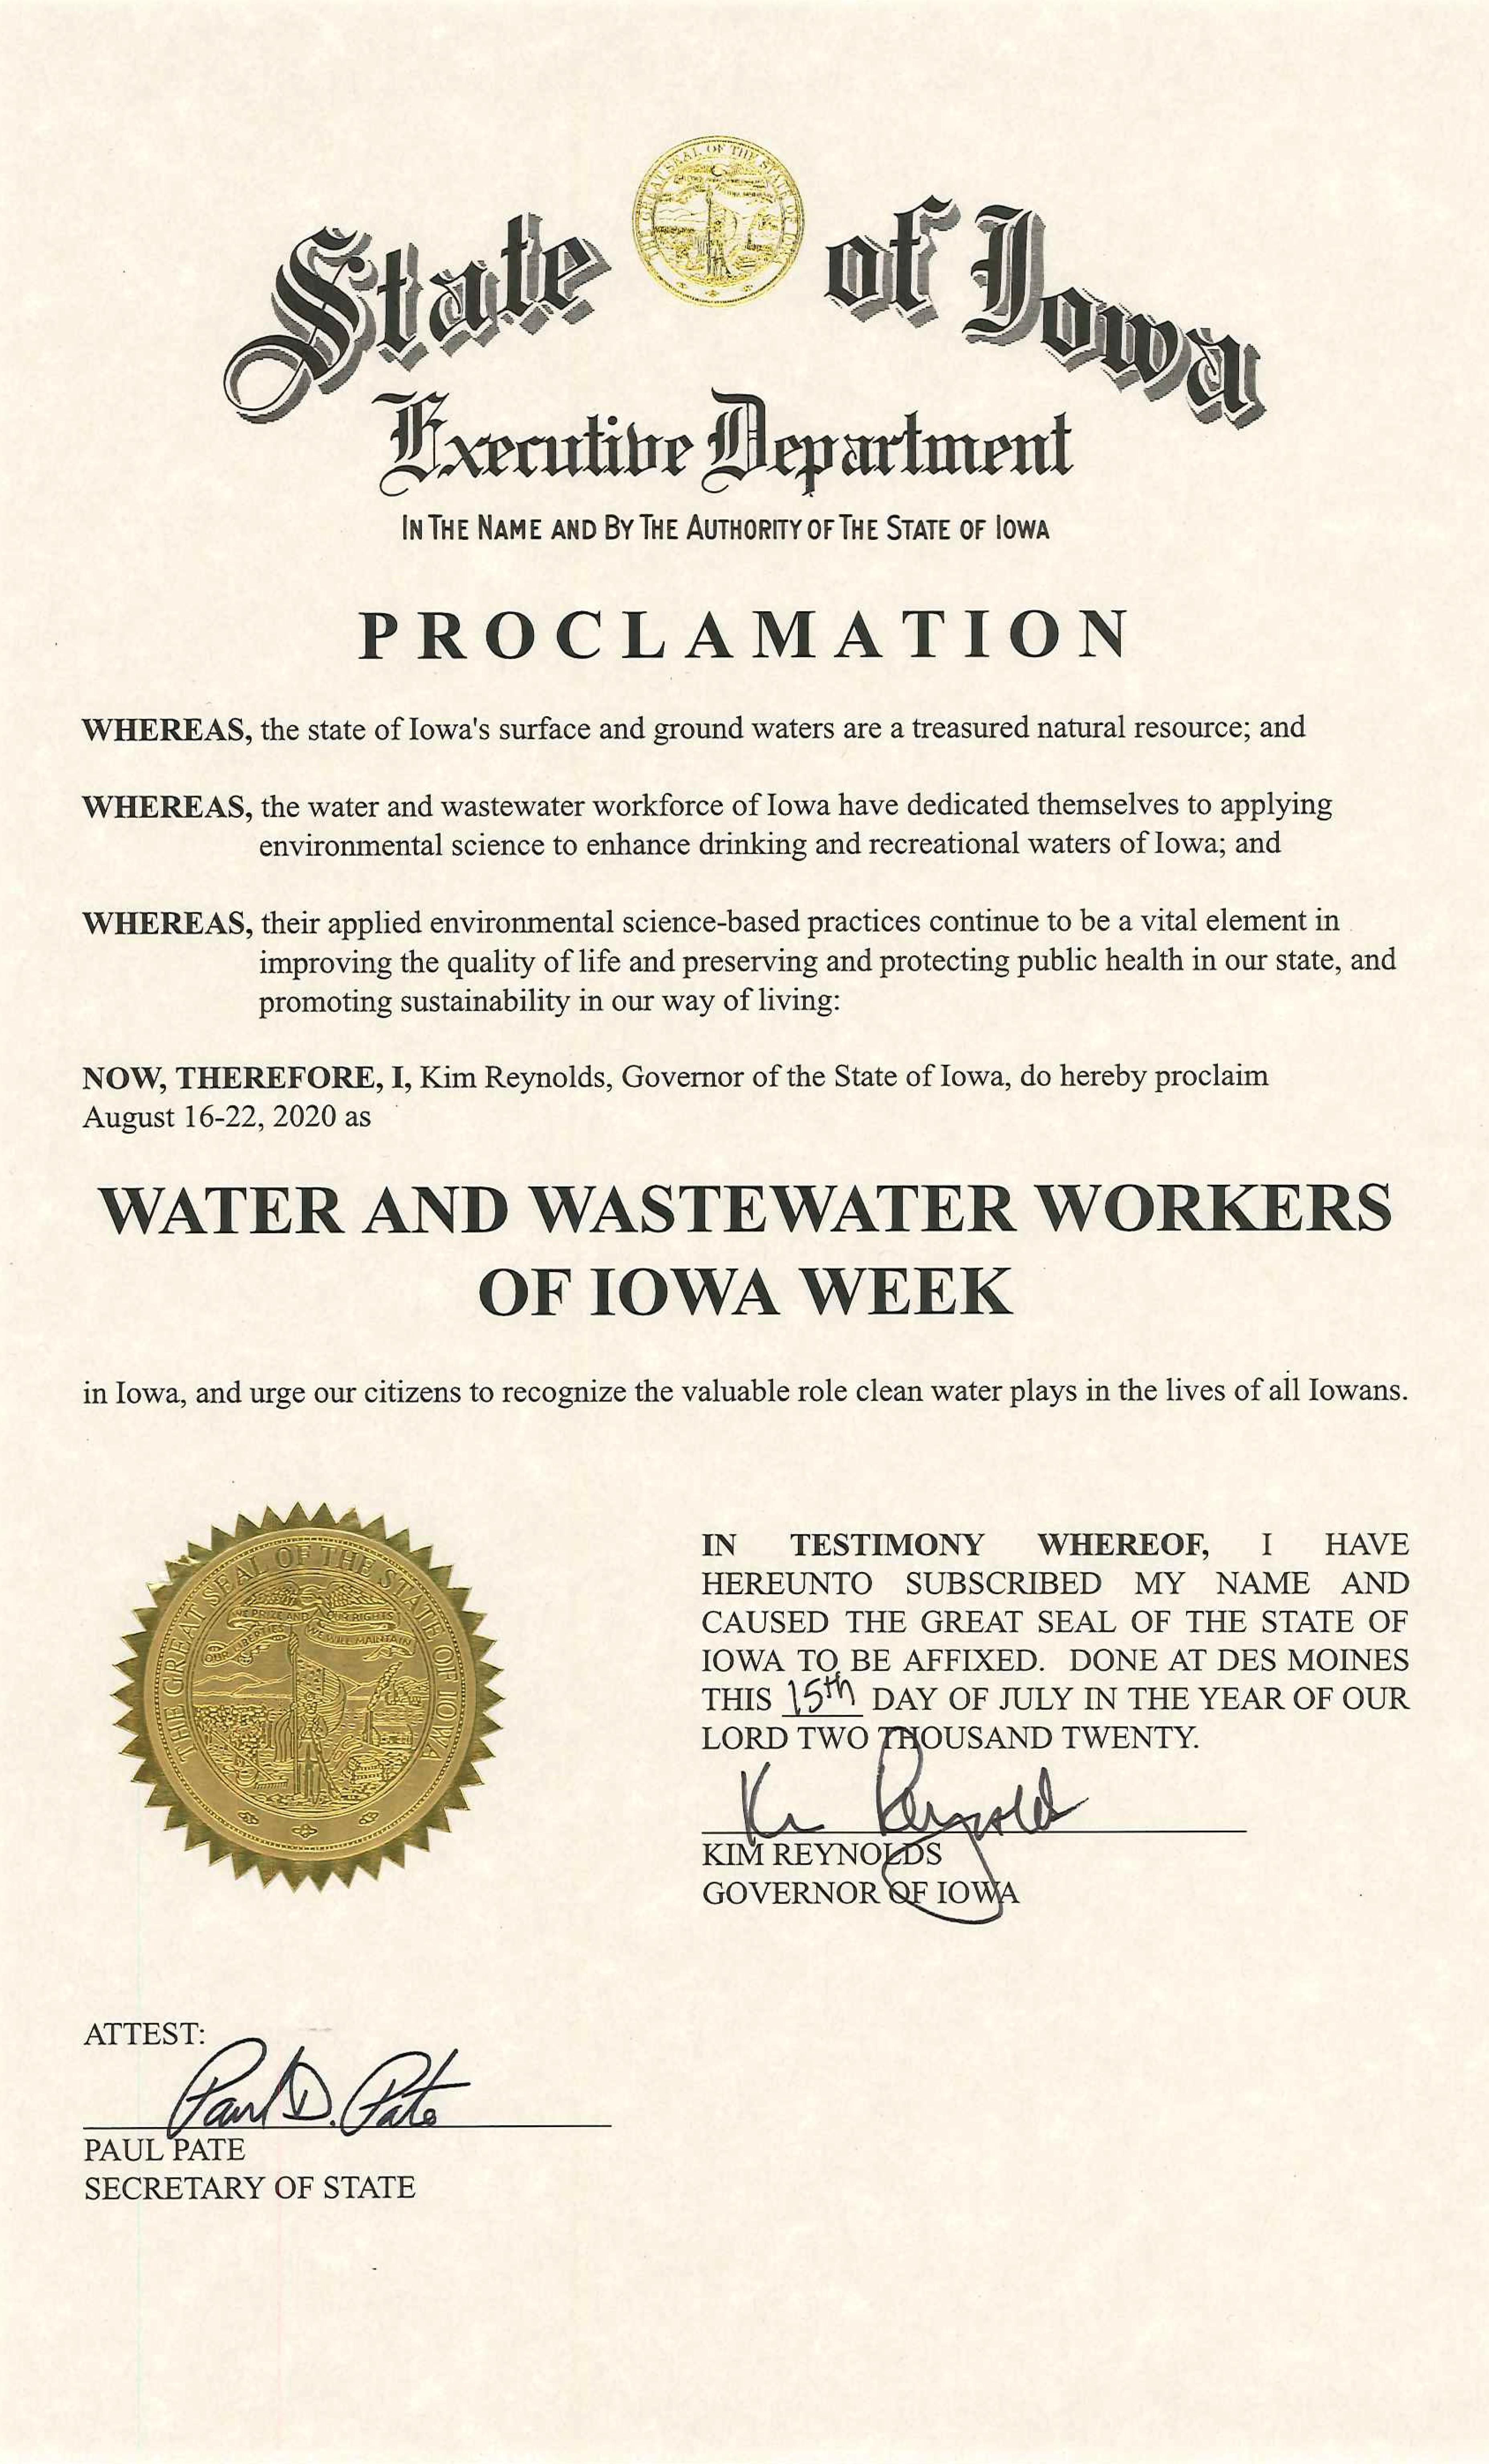 W/WW Worker Week